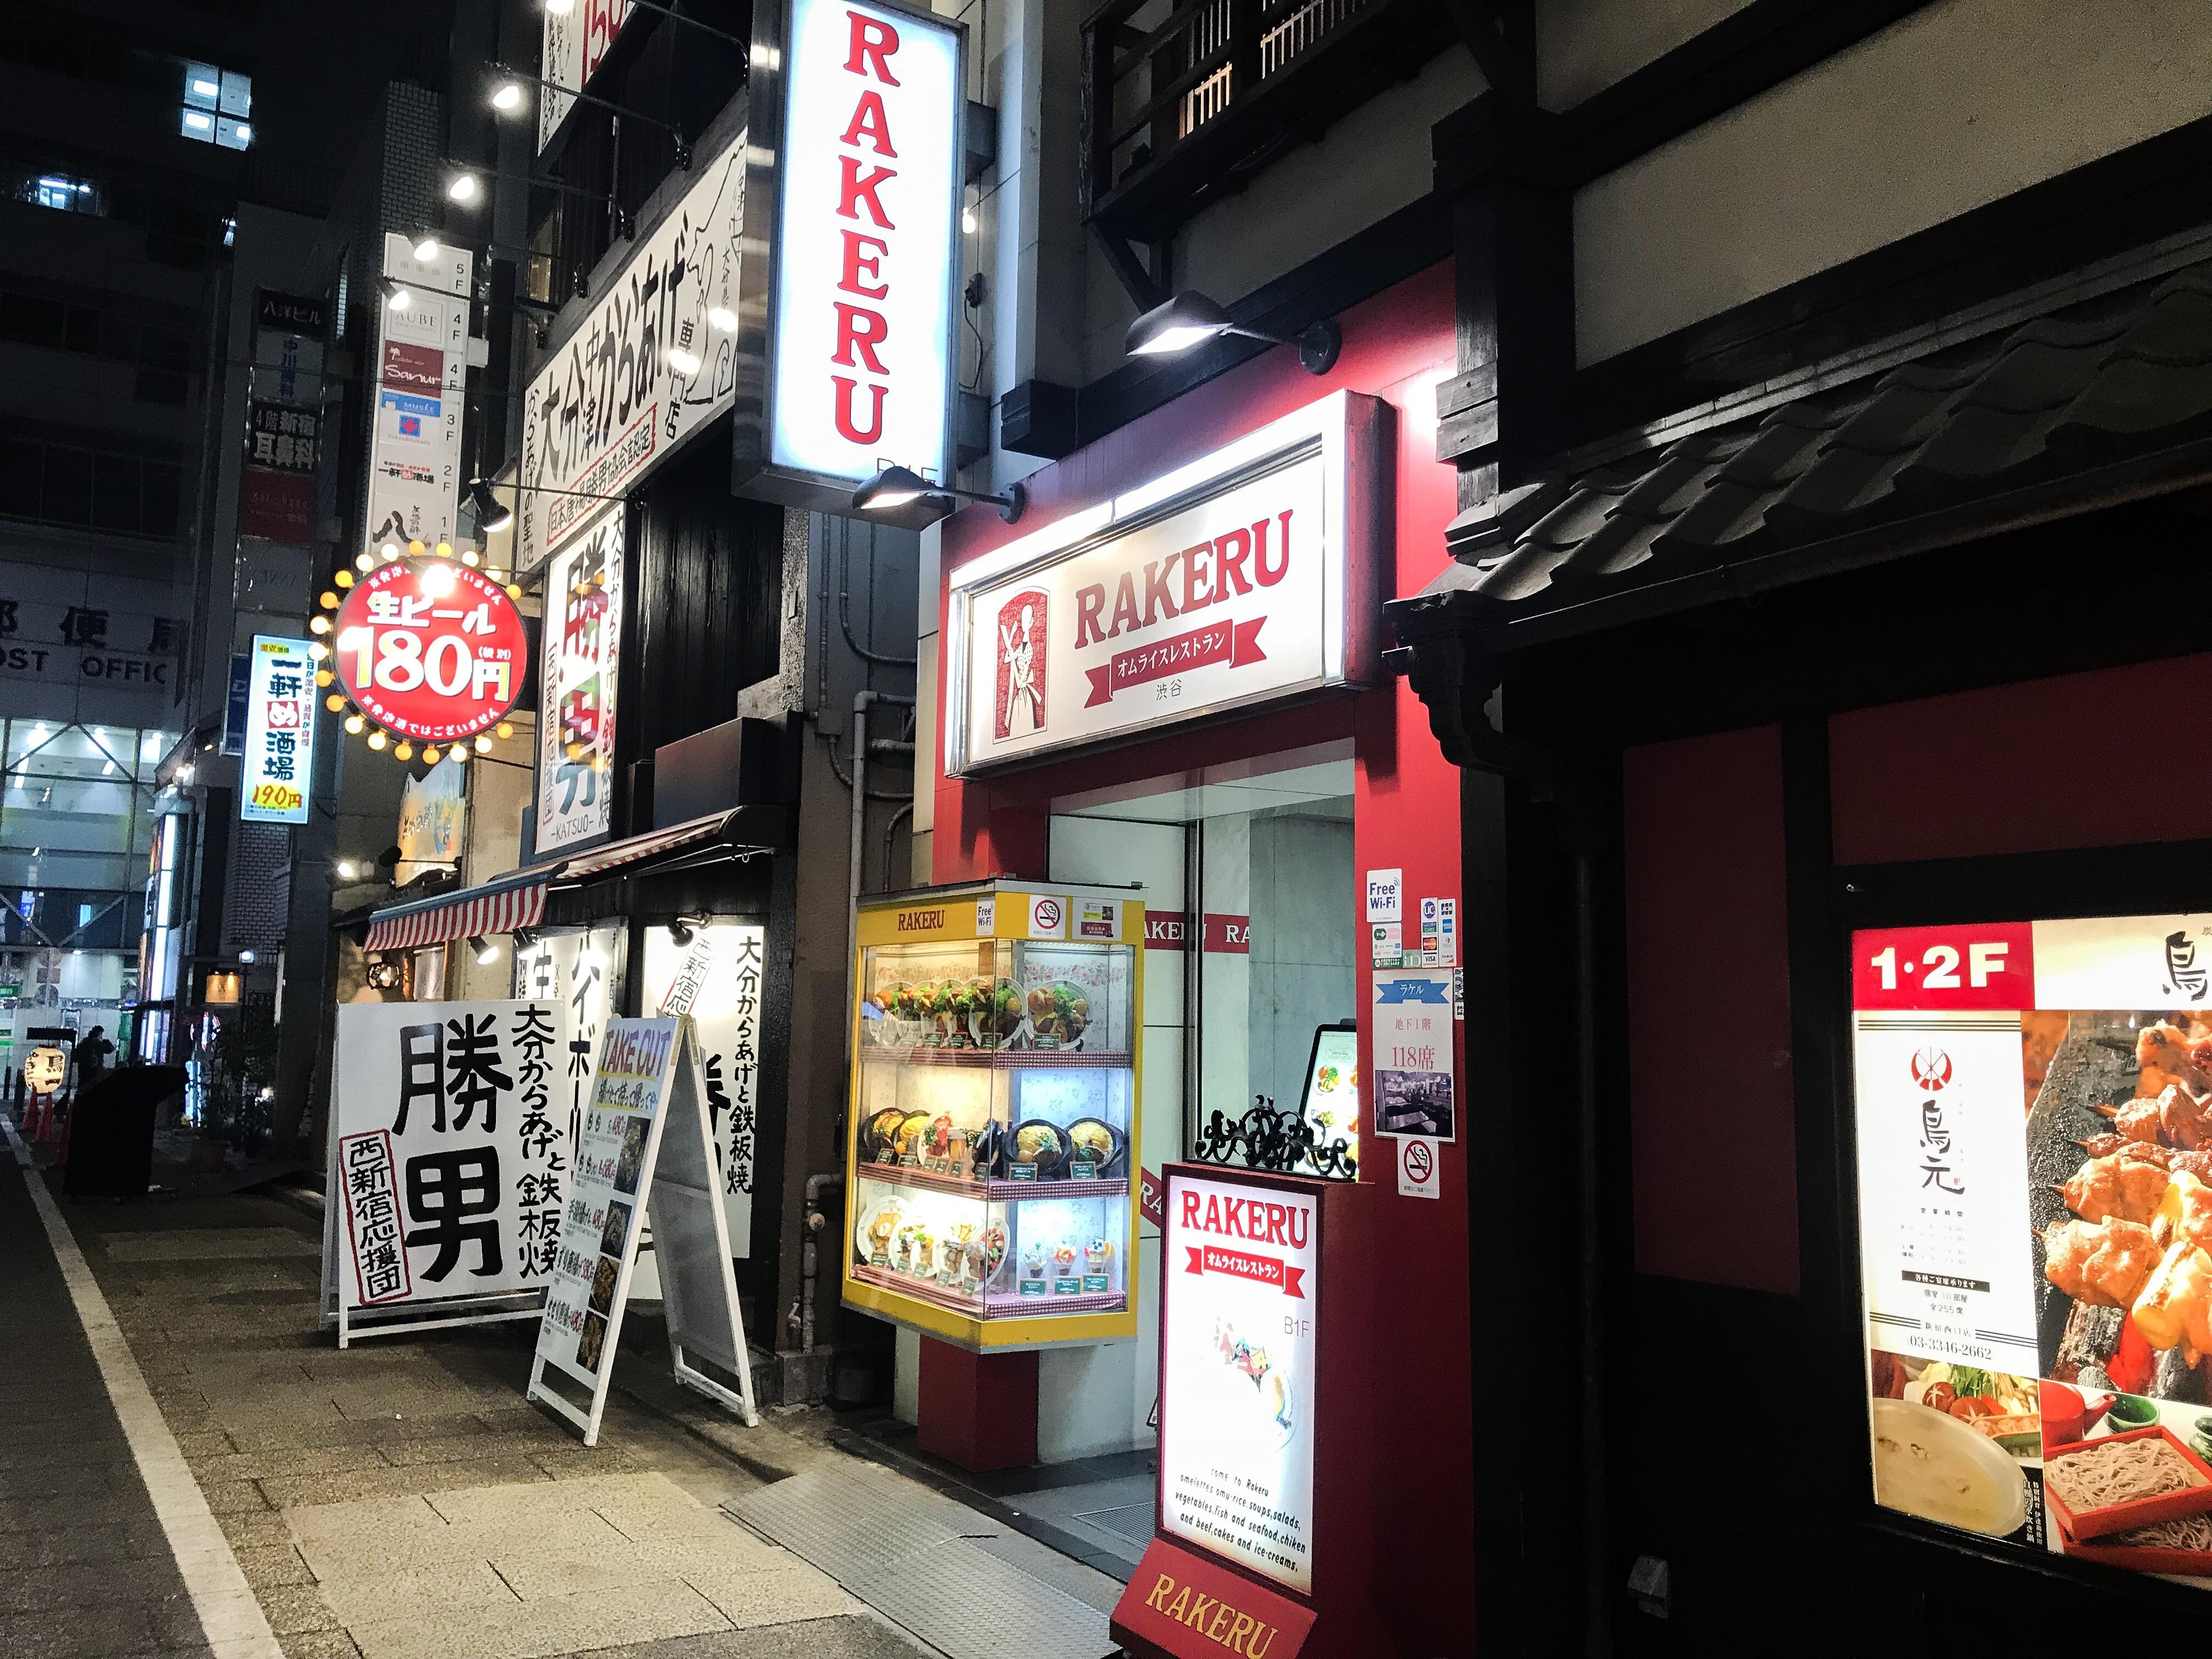 Rakeru in Tokyo